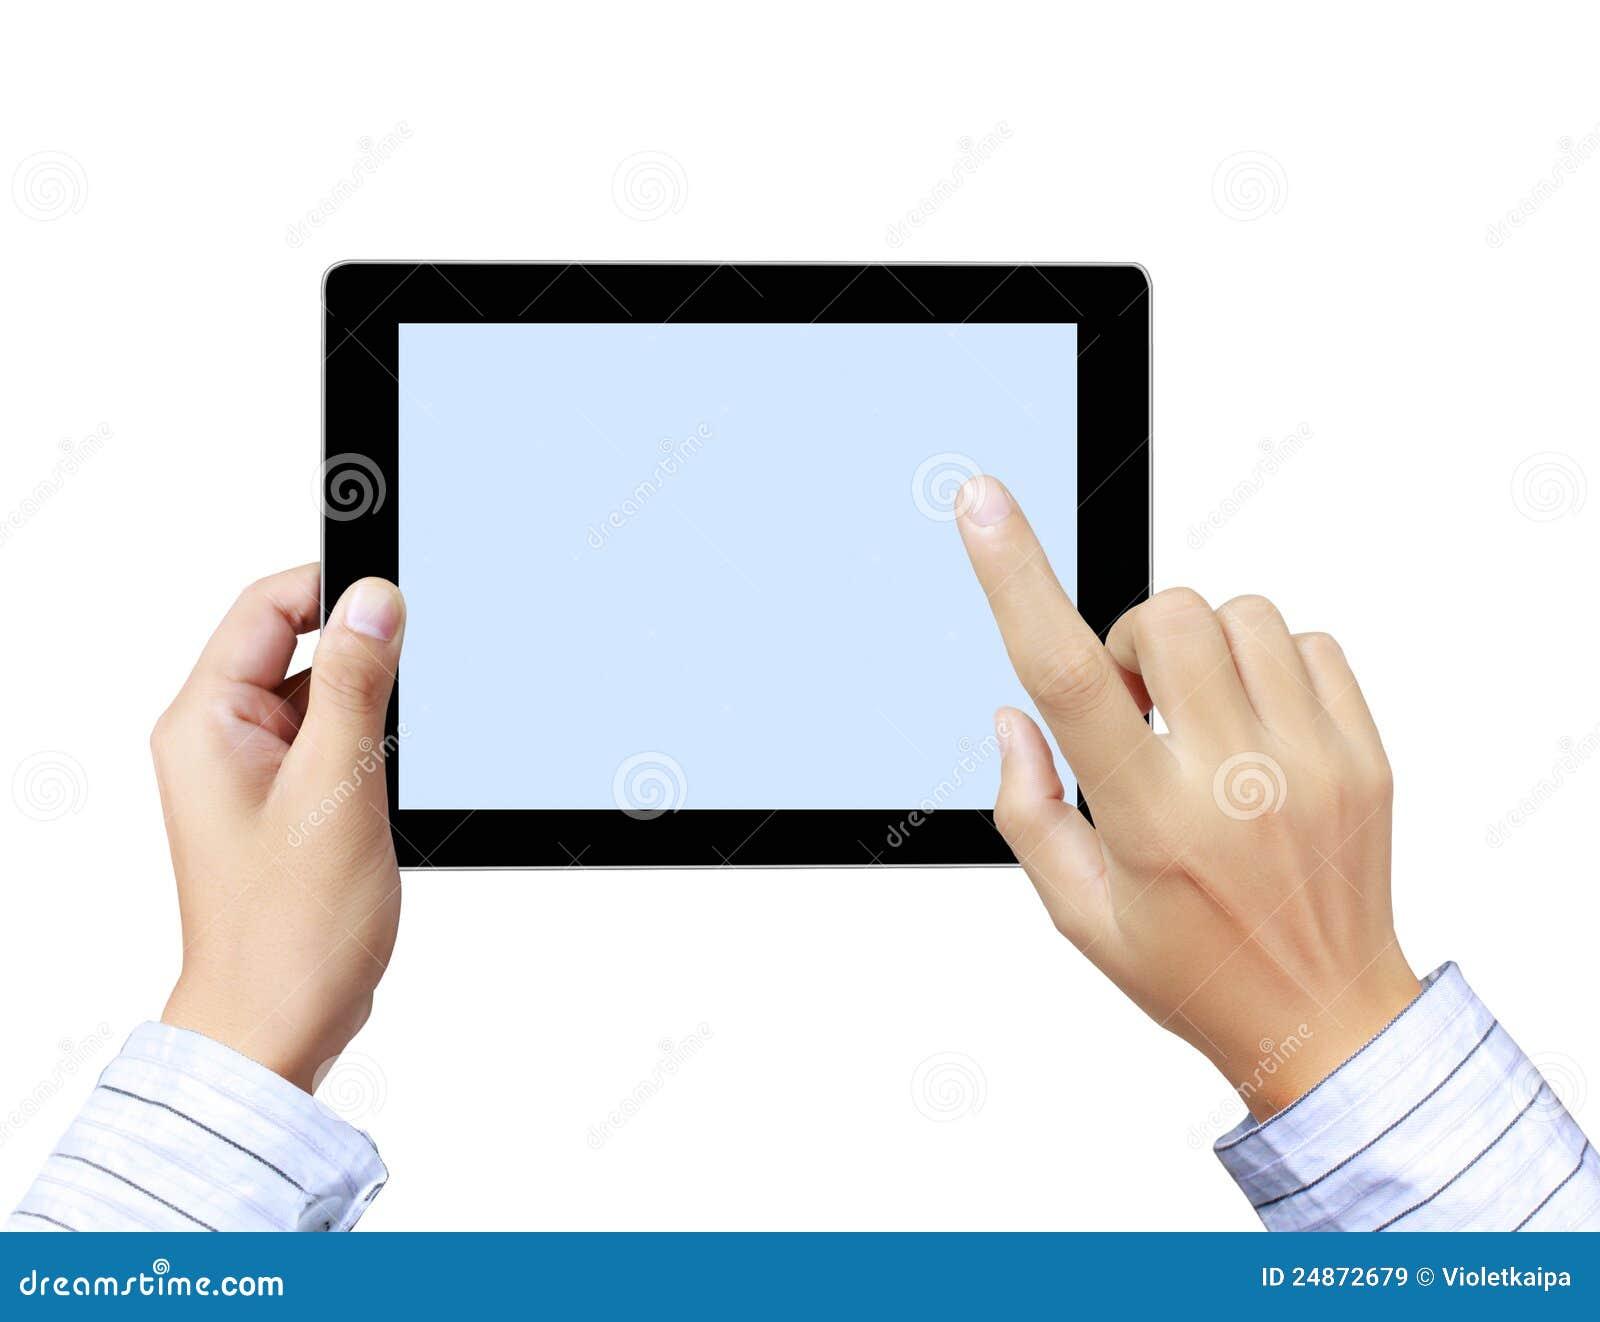 les mains se dirigent sur l 39 cran tactile tablette tactile images libres de droits image. Black Bedroom Furniture Sets. Home Design Ideas